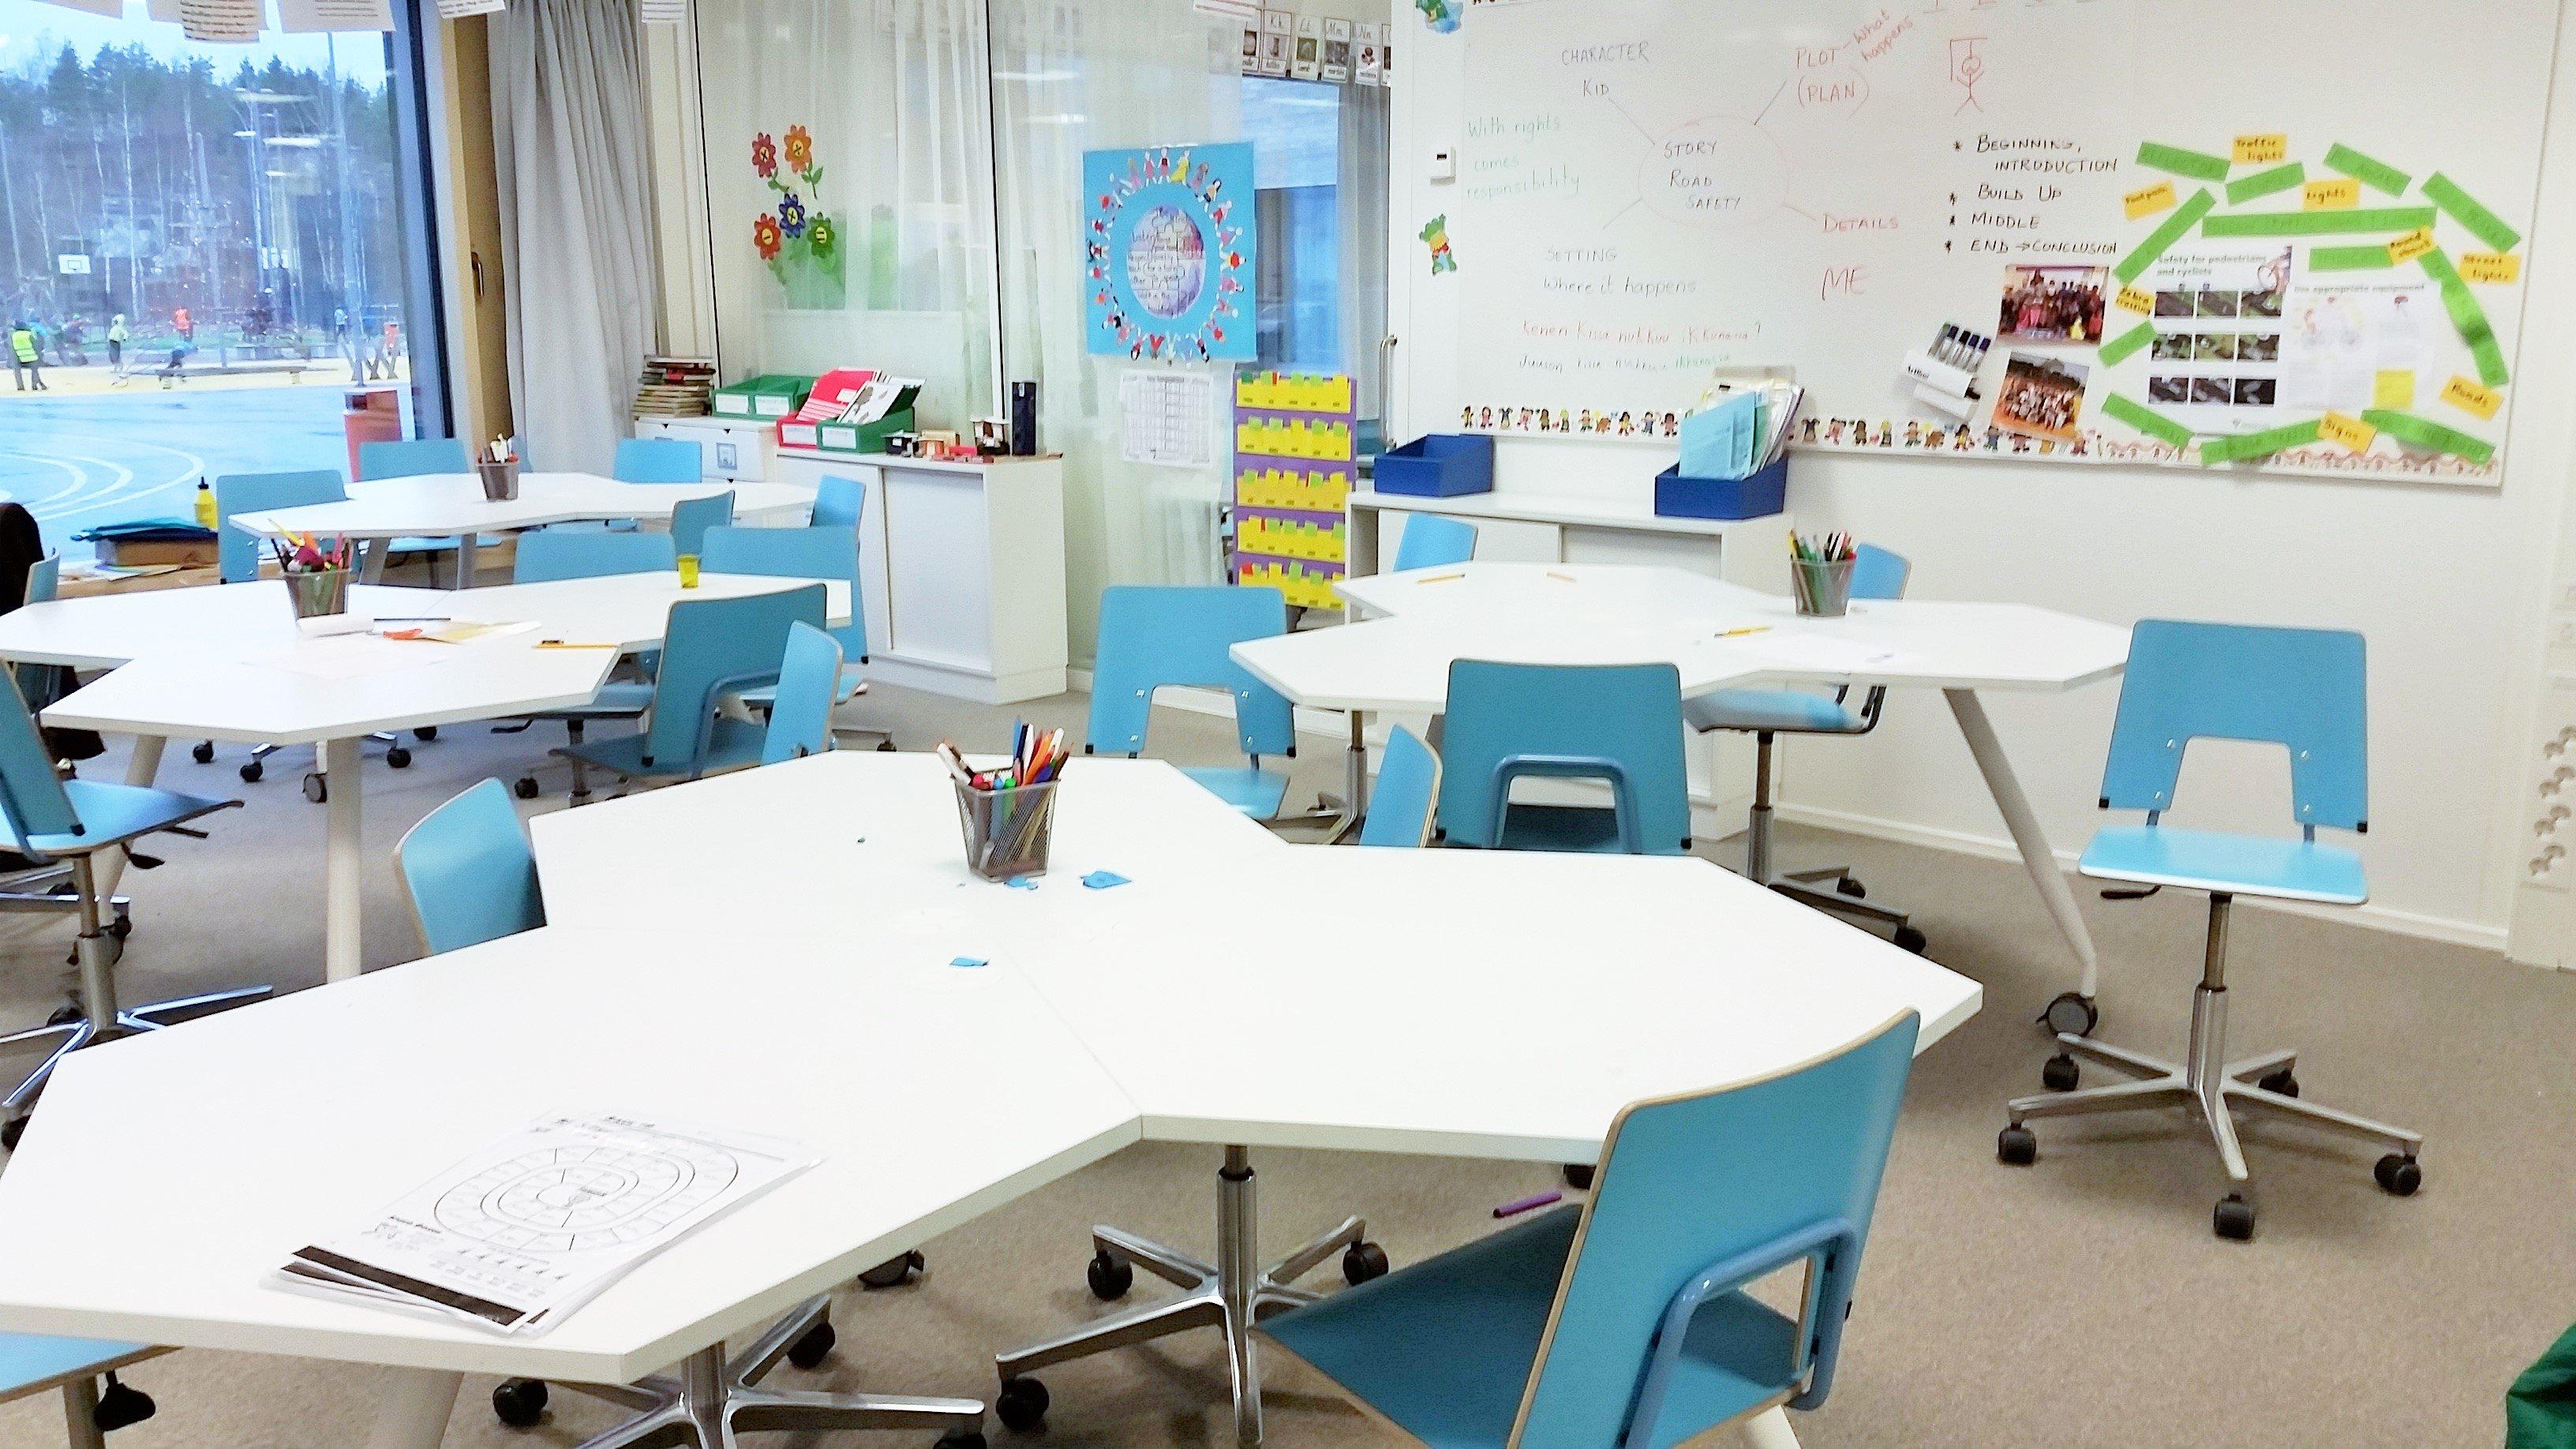 Opinmäki on oppimiskeskus, jossa kantavana ajatuksena on uusi tapa oppia ja toimia yhdessä ja yhteisissä tiloissa.